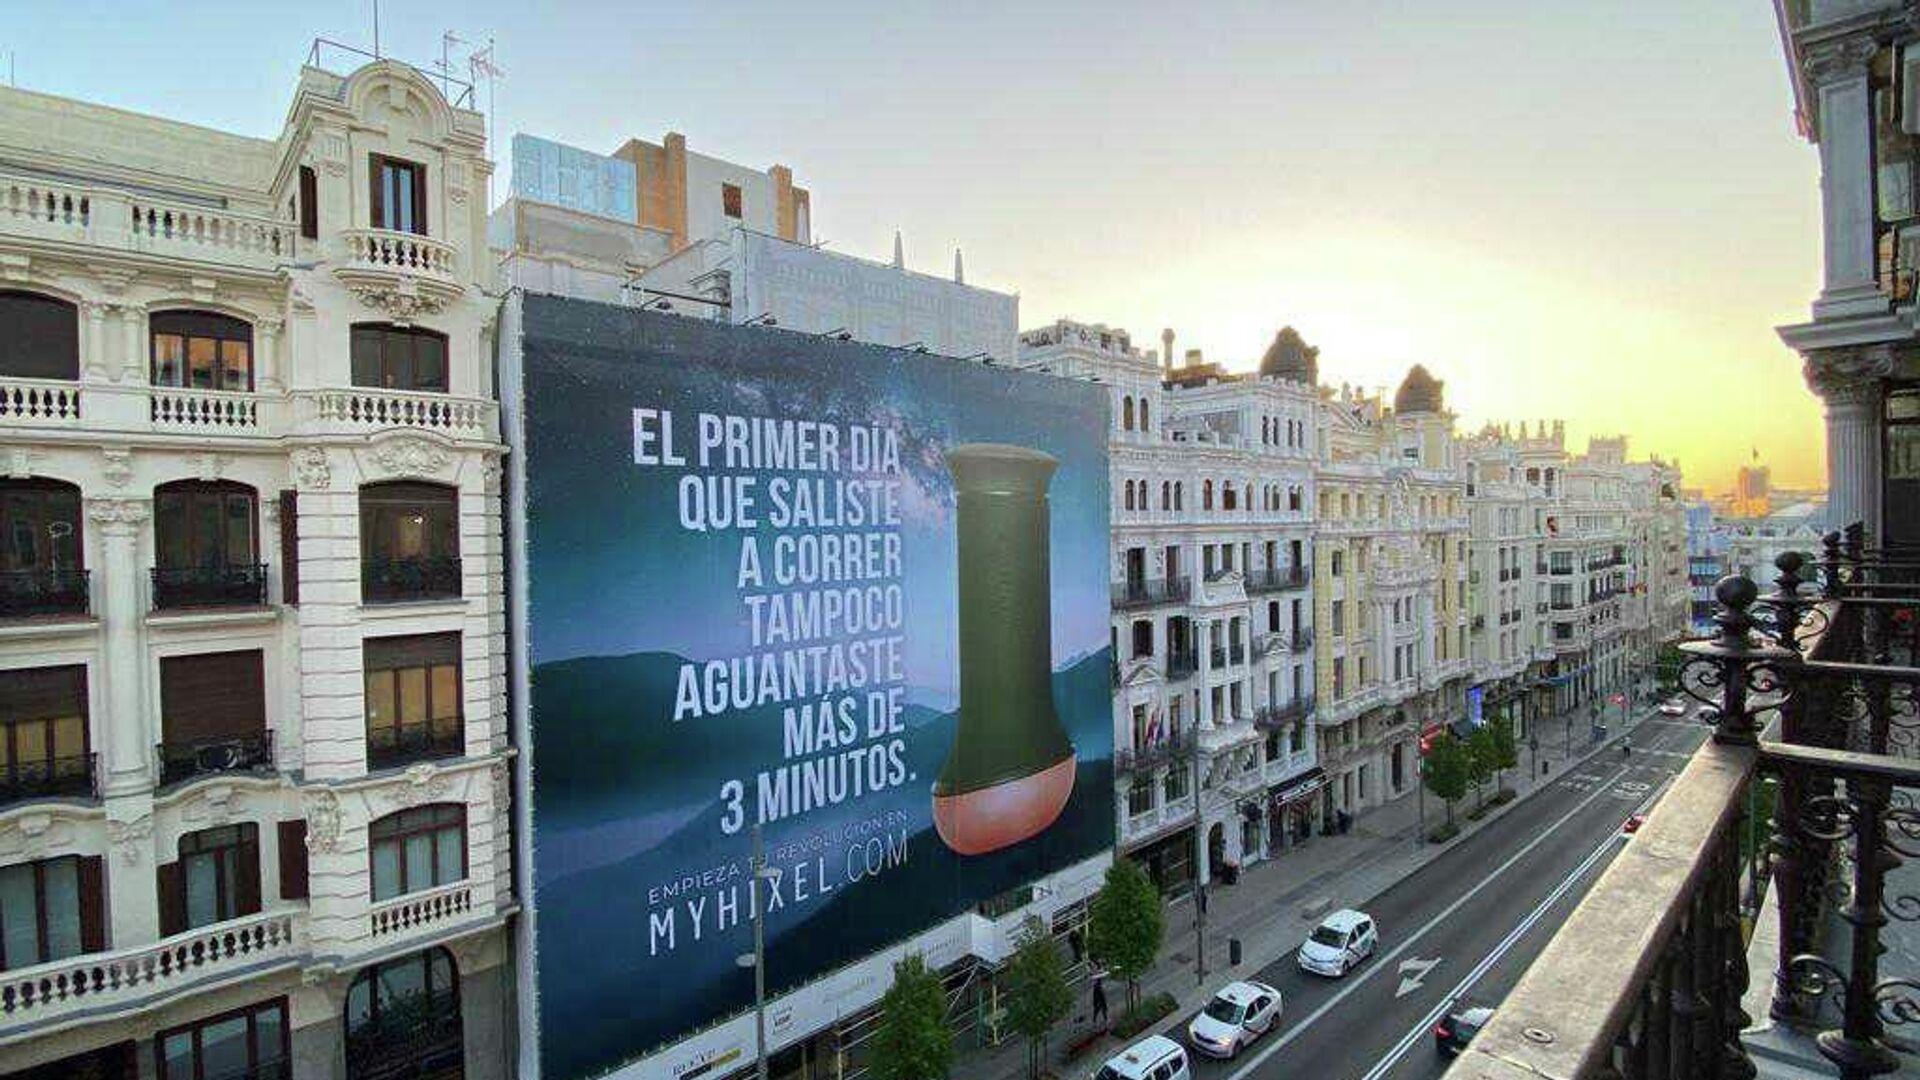 Campaña en Gran Vía de Madrid de visibilización - Sputnik Mundo, 1920, 14.05.2021